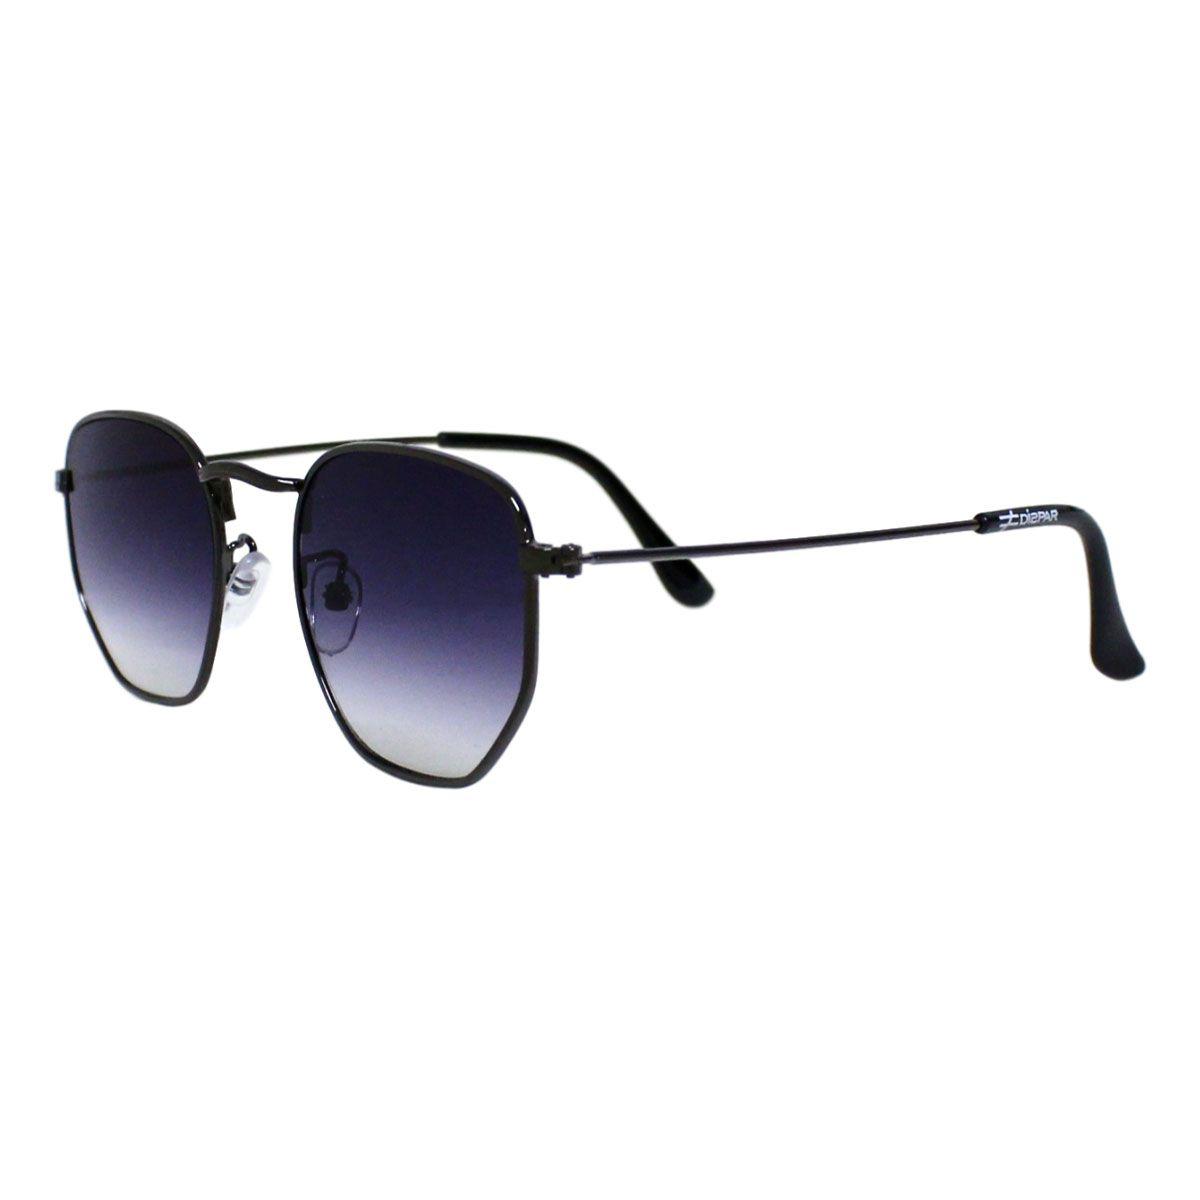 Óculos De Sol Díspar D1625 Hexagonal Lentes Retas Chumbo